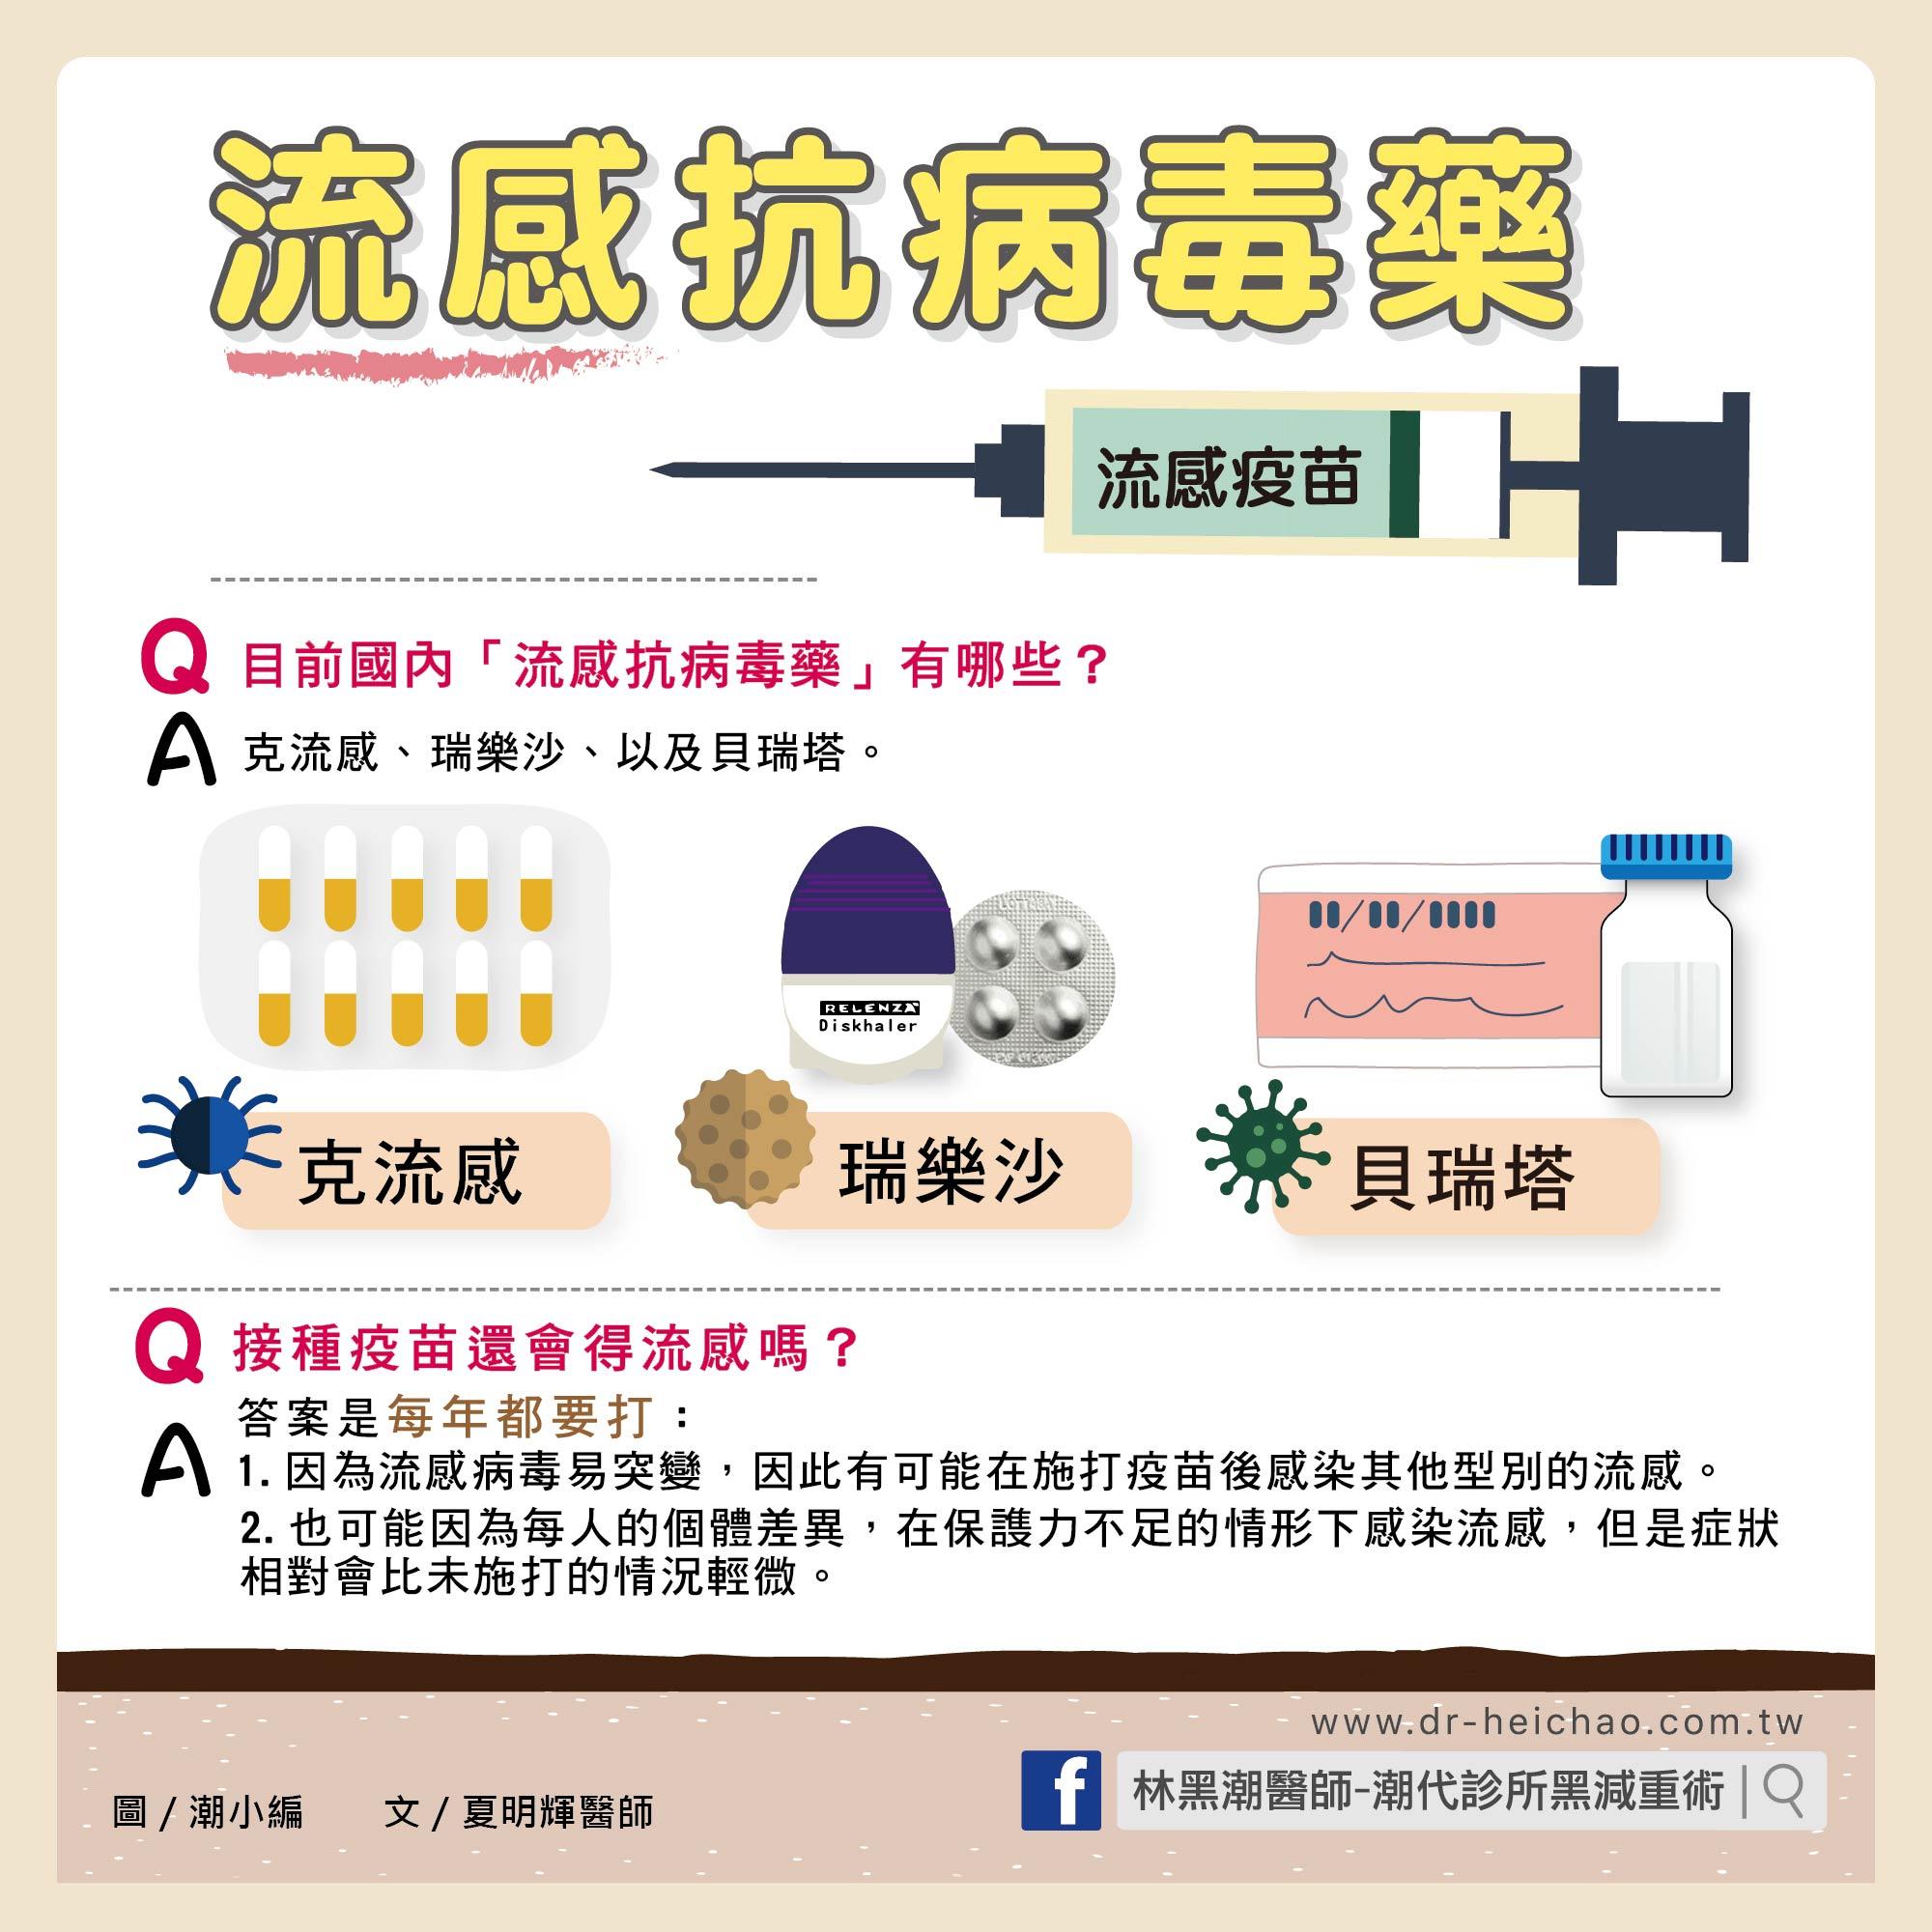 流感抗病毒藥/文:夏明輝醫師